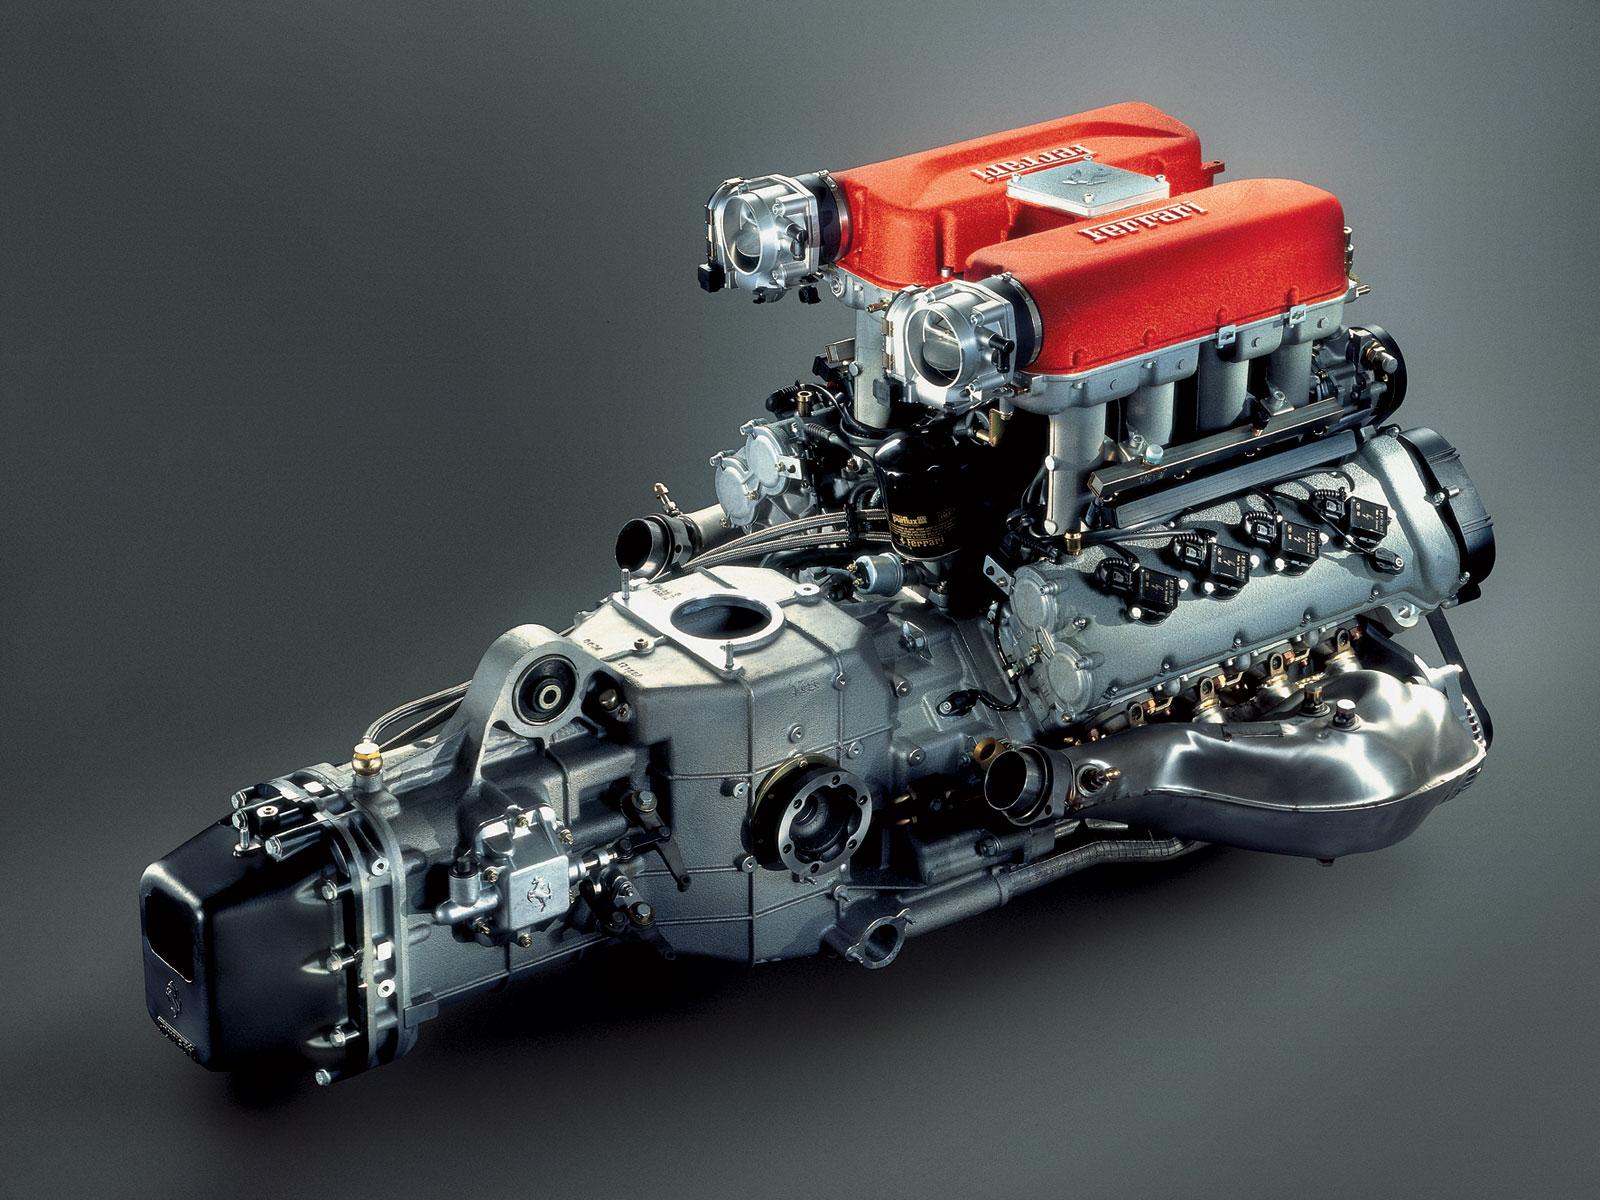 такое двс двигатель картинки отличается высокими параметрами